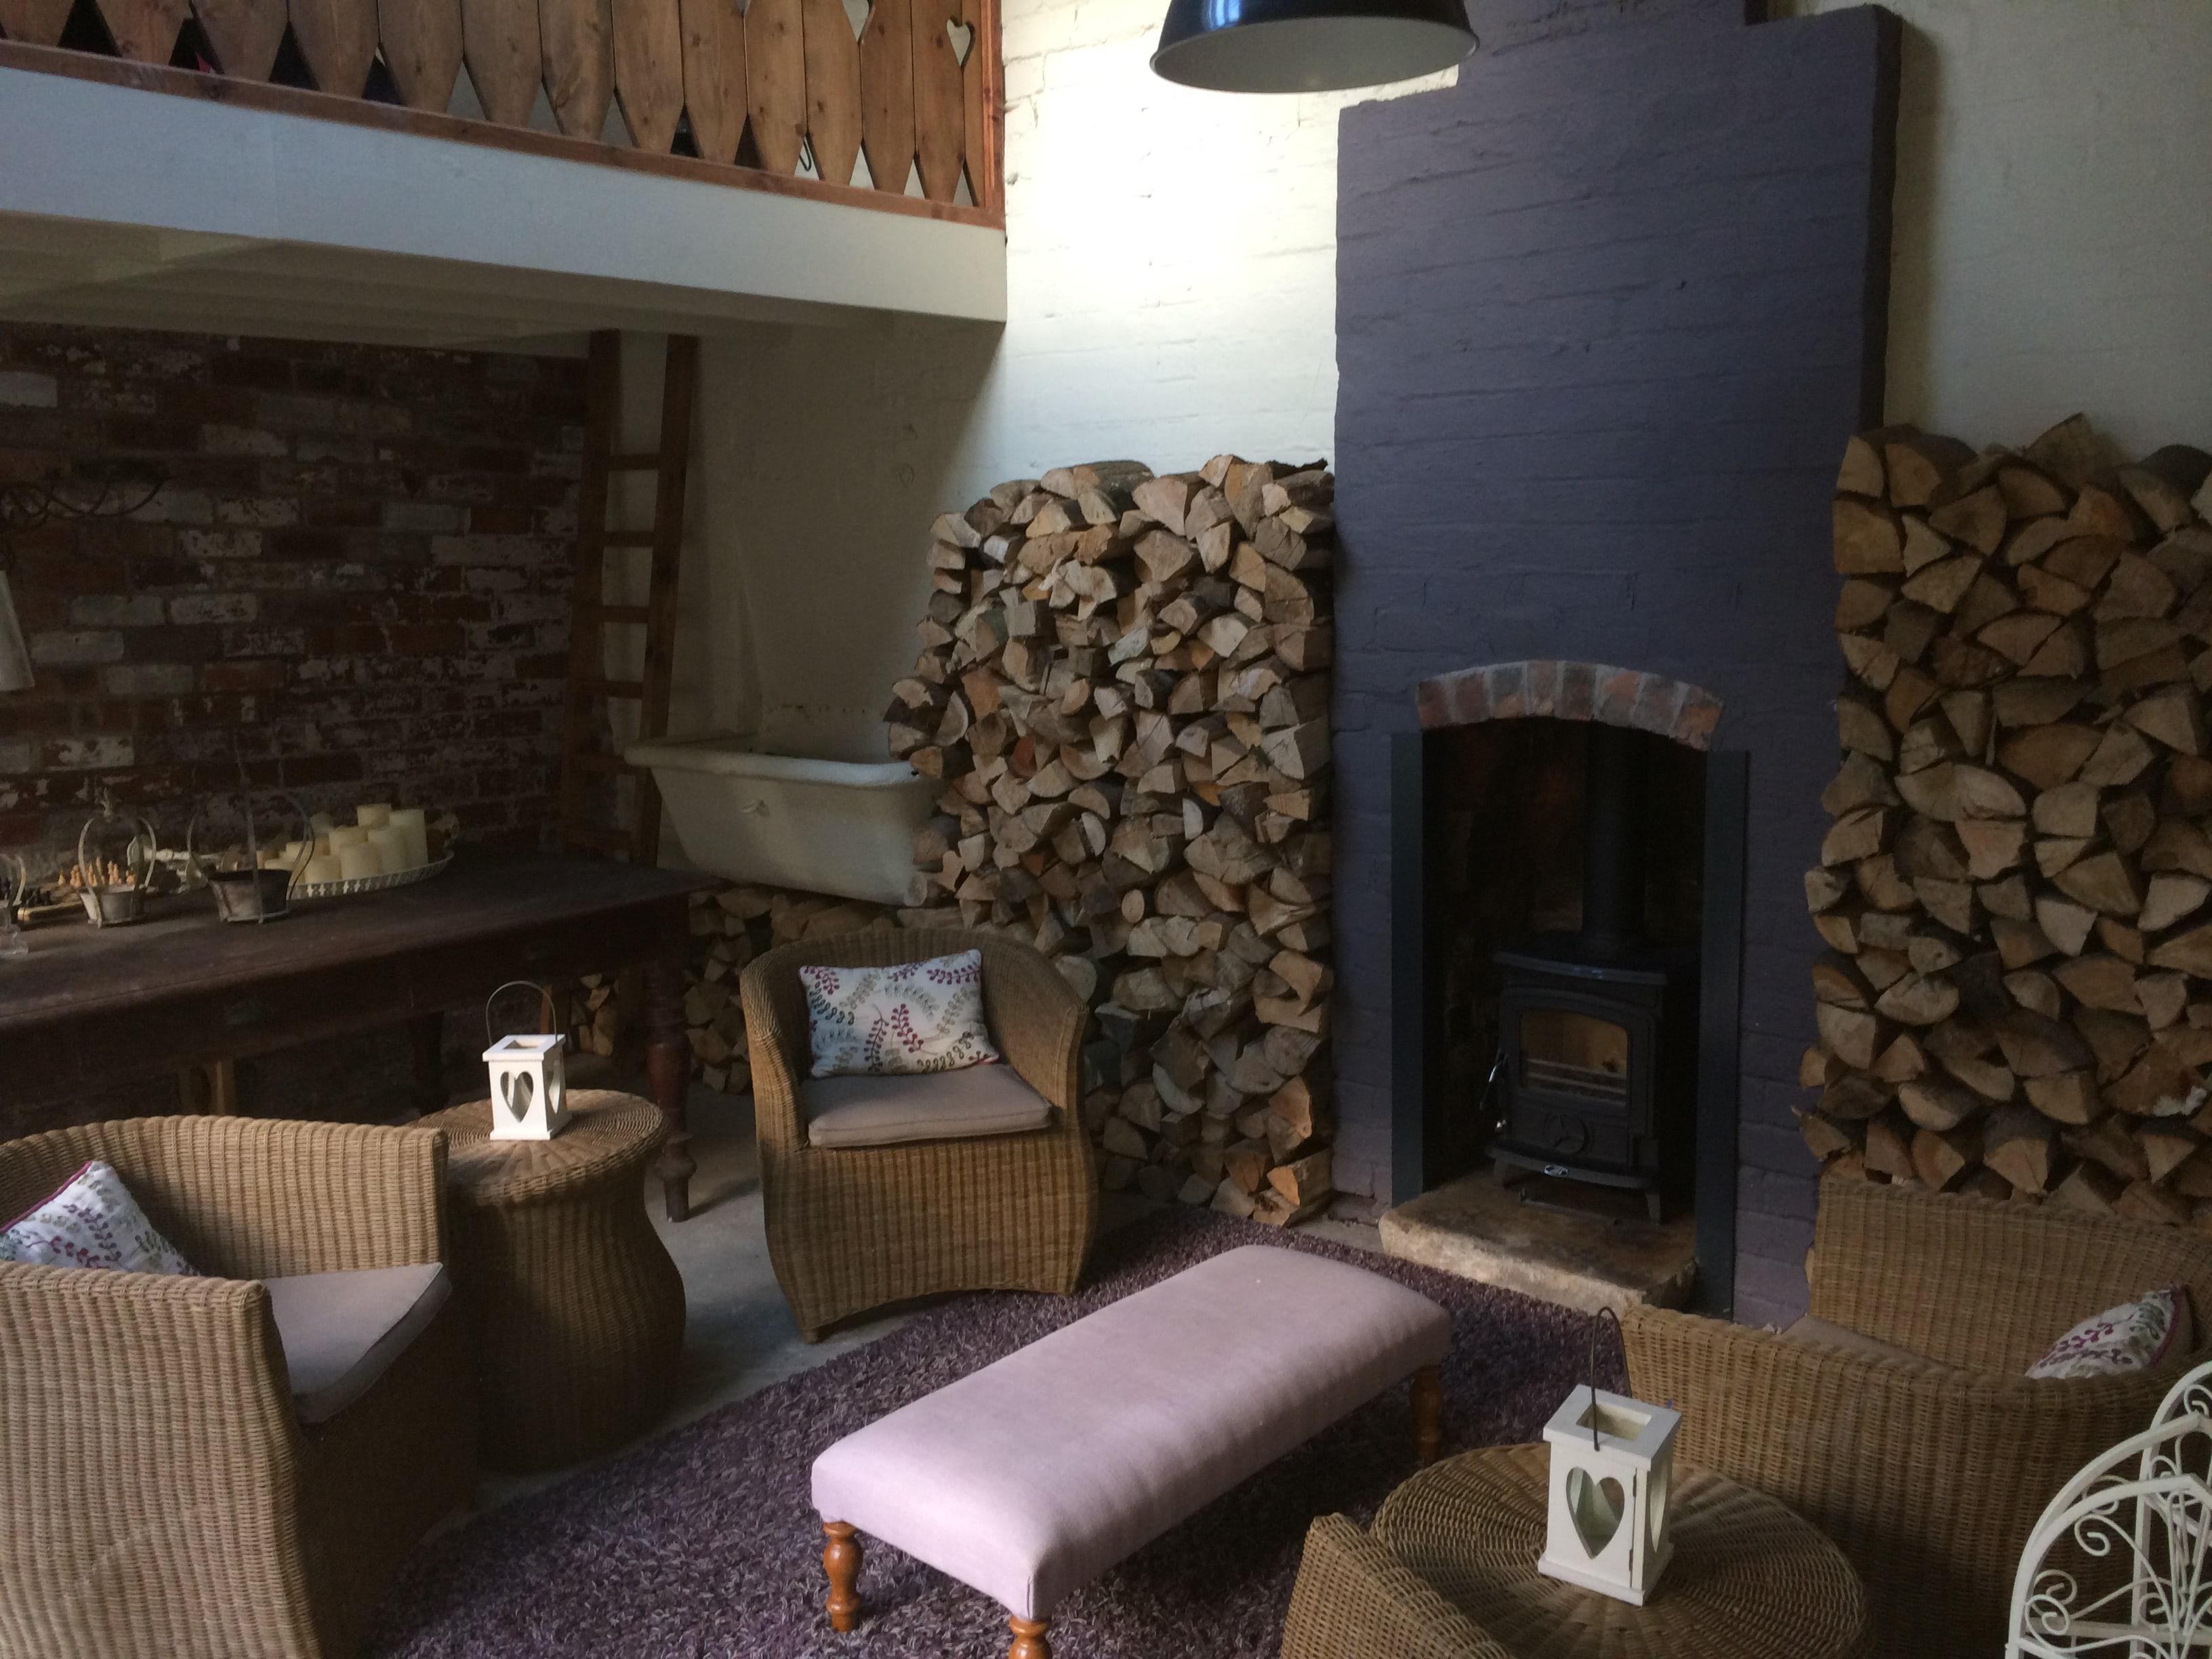 spitfire fireplace. spitfire fireplace